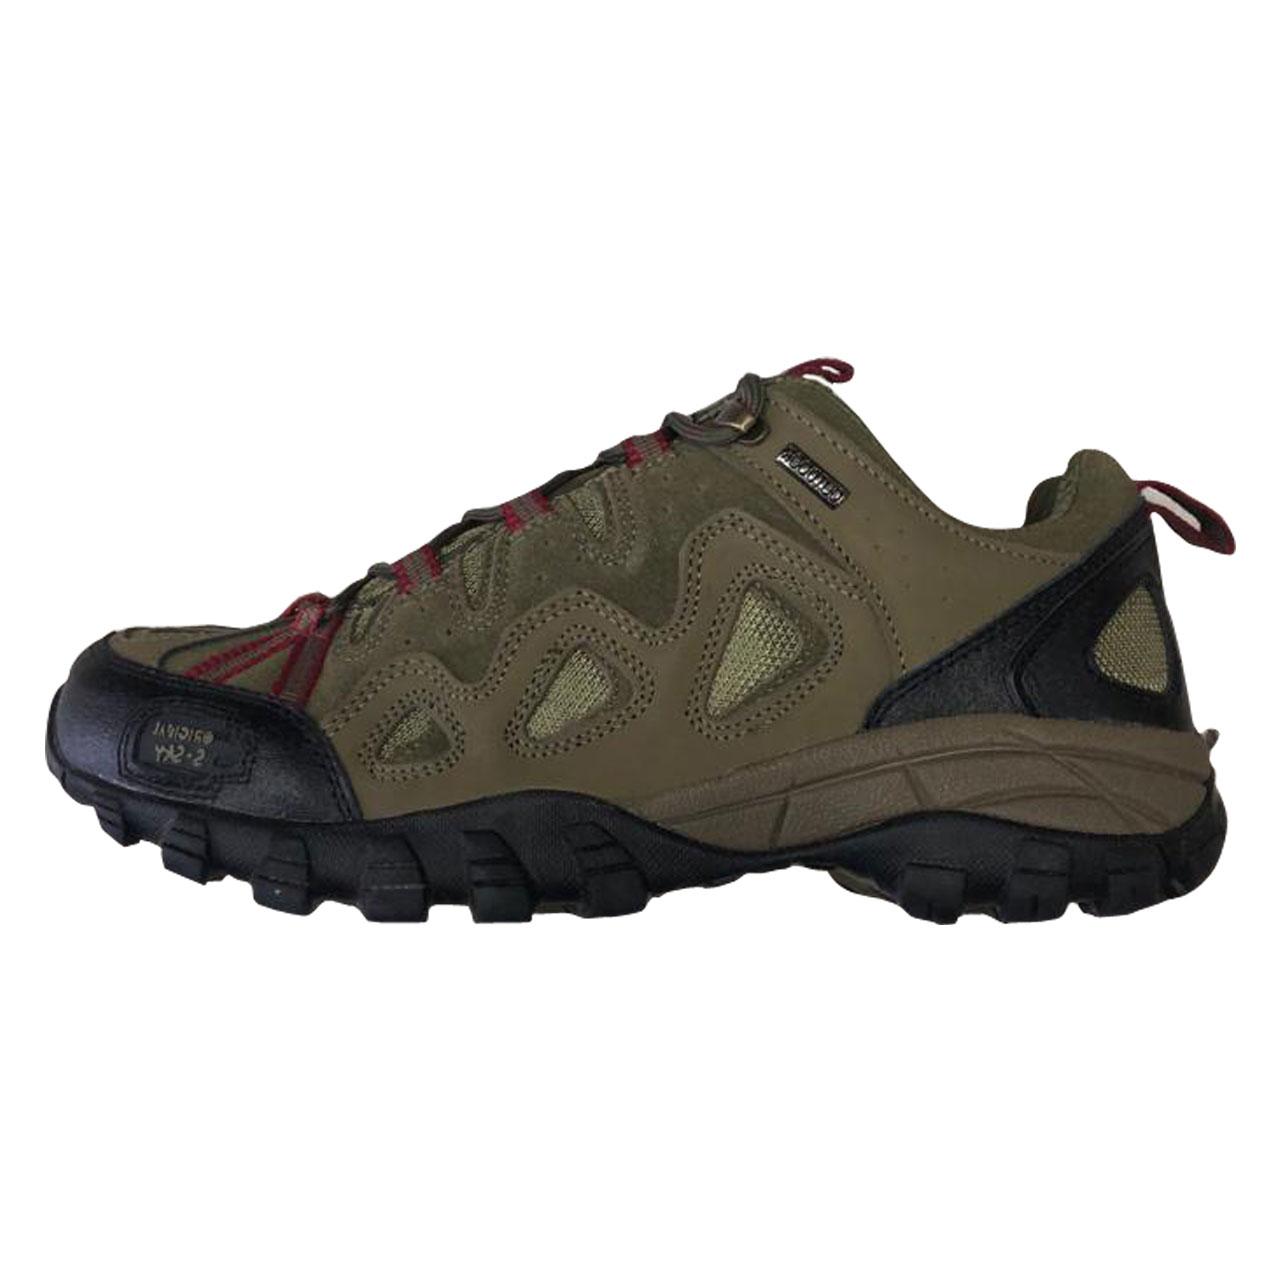 قیمت کفش کوهنوردی مردانه اس اسکای مدل IGD رنگ سبز